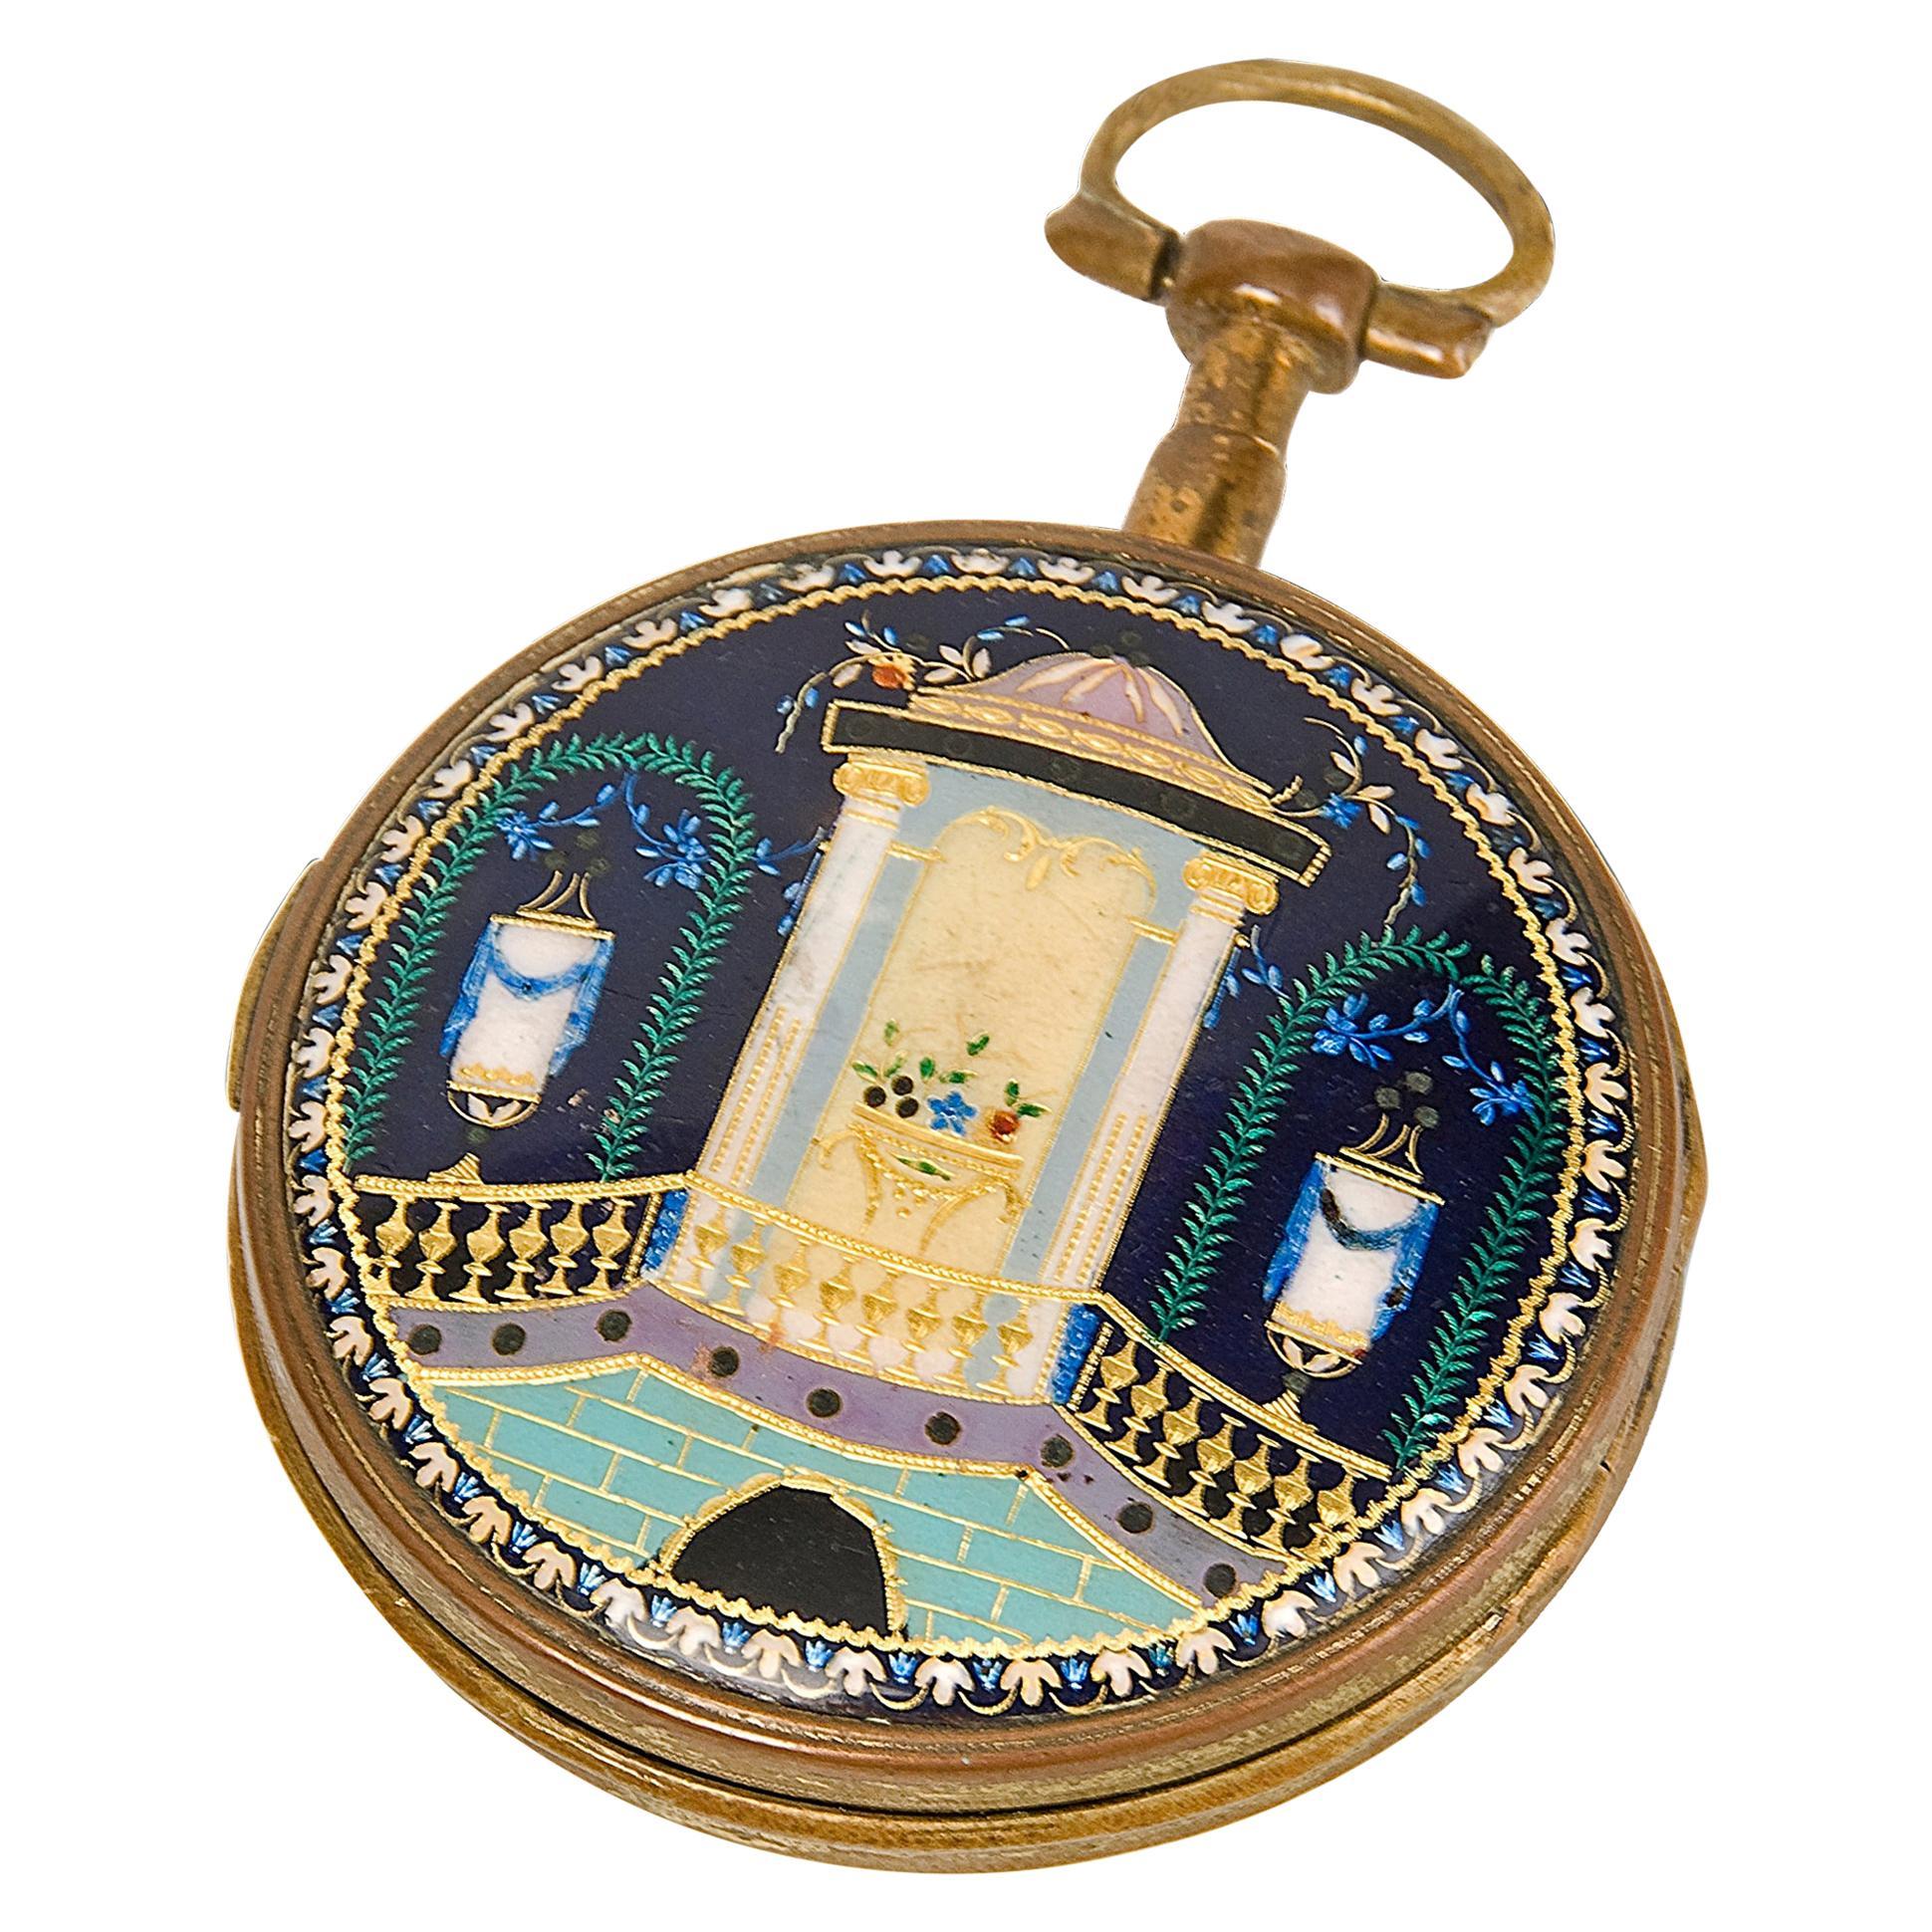 Pocket Watch, Frères Esquivillon & De Choudens, Paris, France